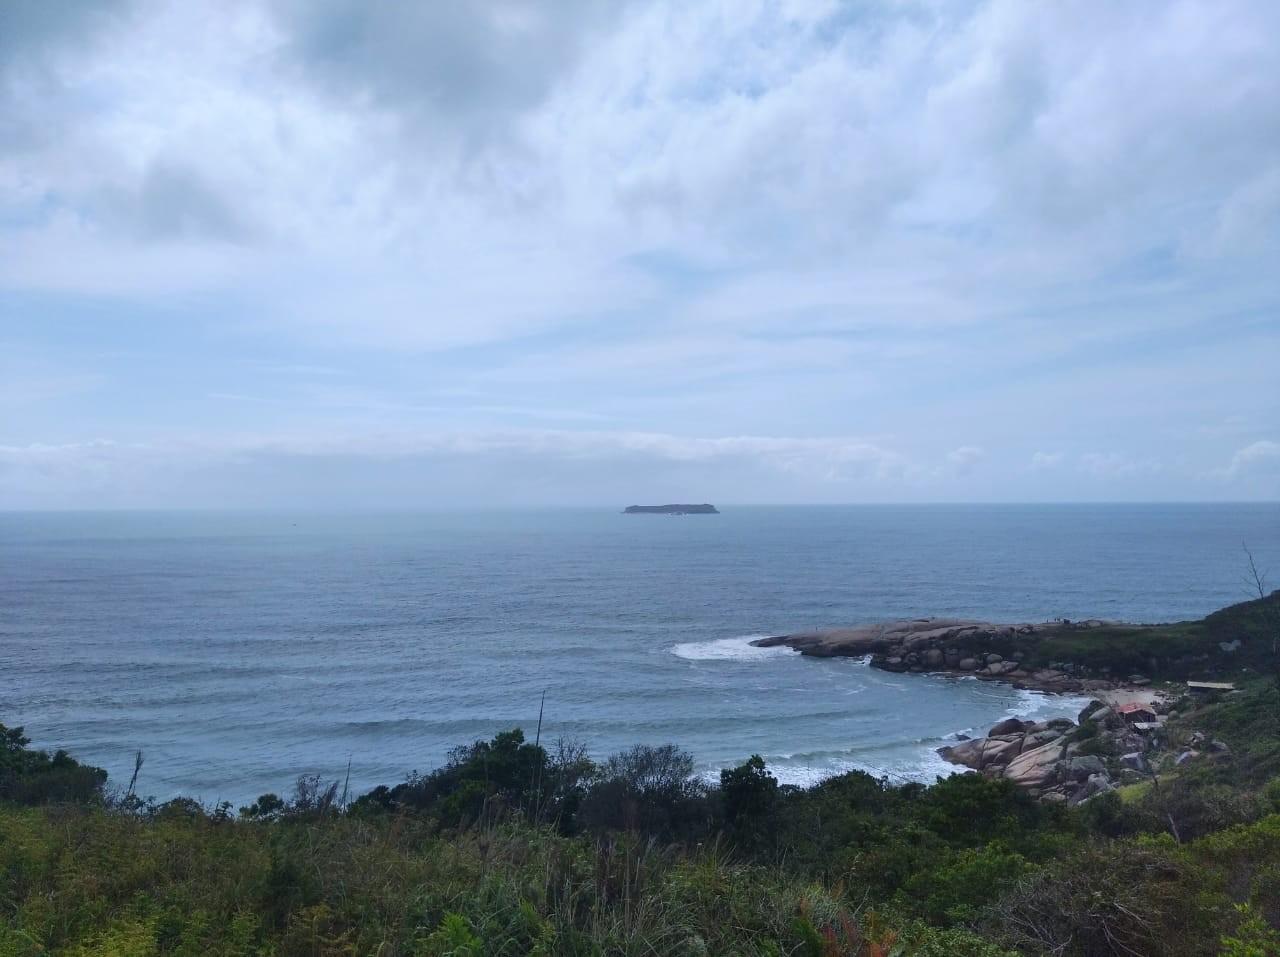 Quinta-feira será de sol entre nuvens em Santa Catarina